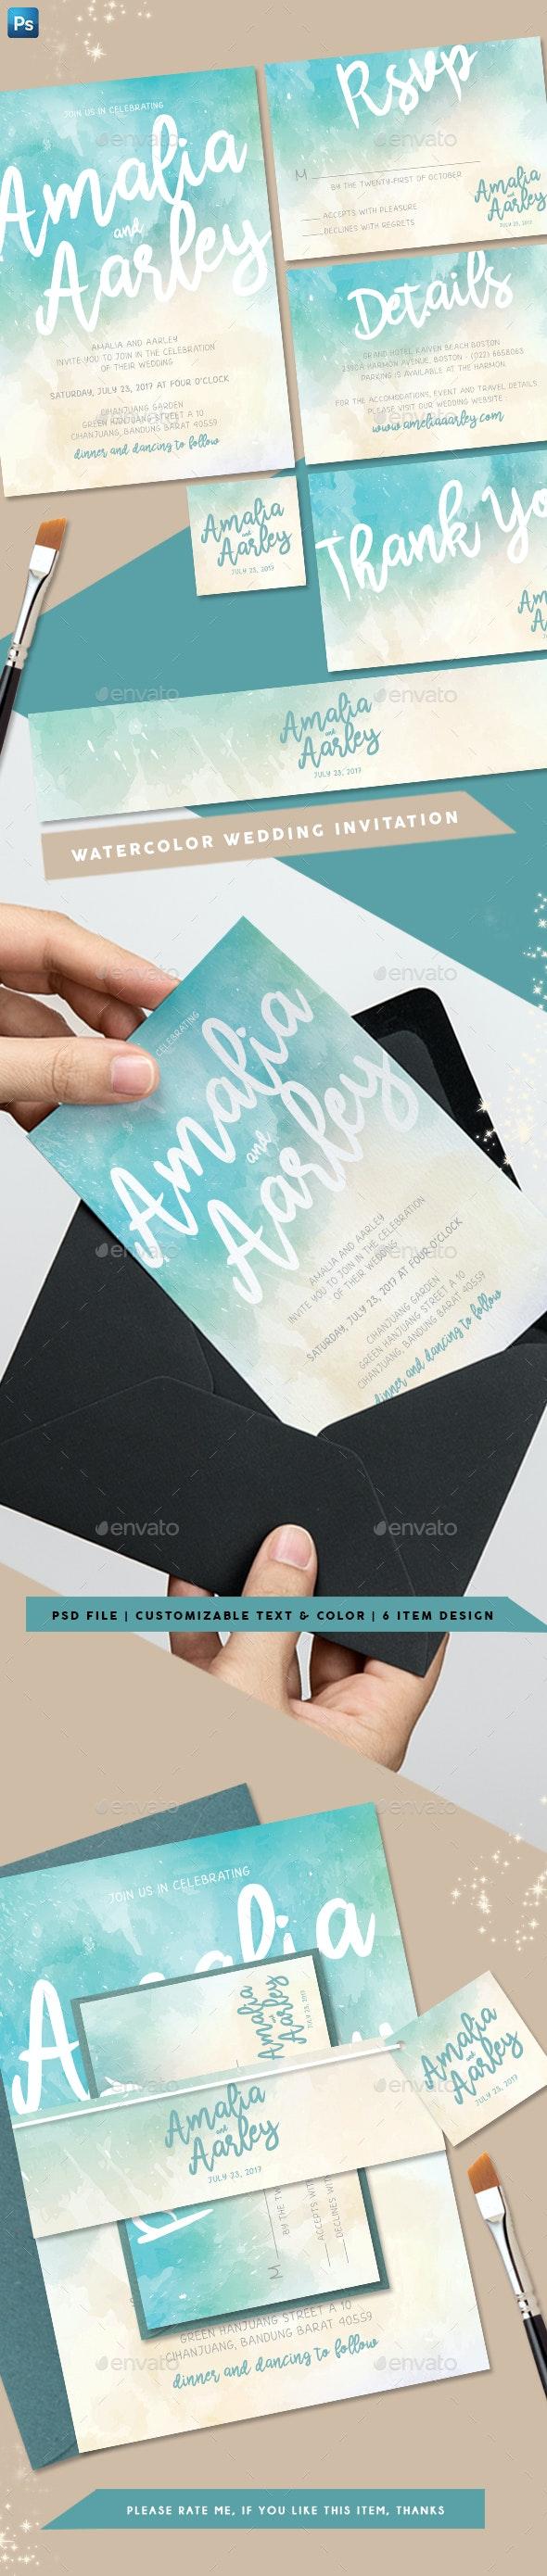 Watercolor Wedding Invitation - Weddings Cards & Invites